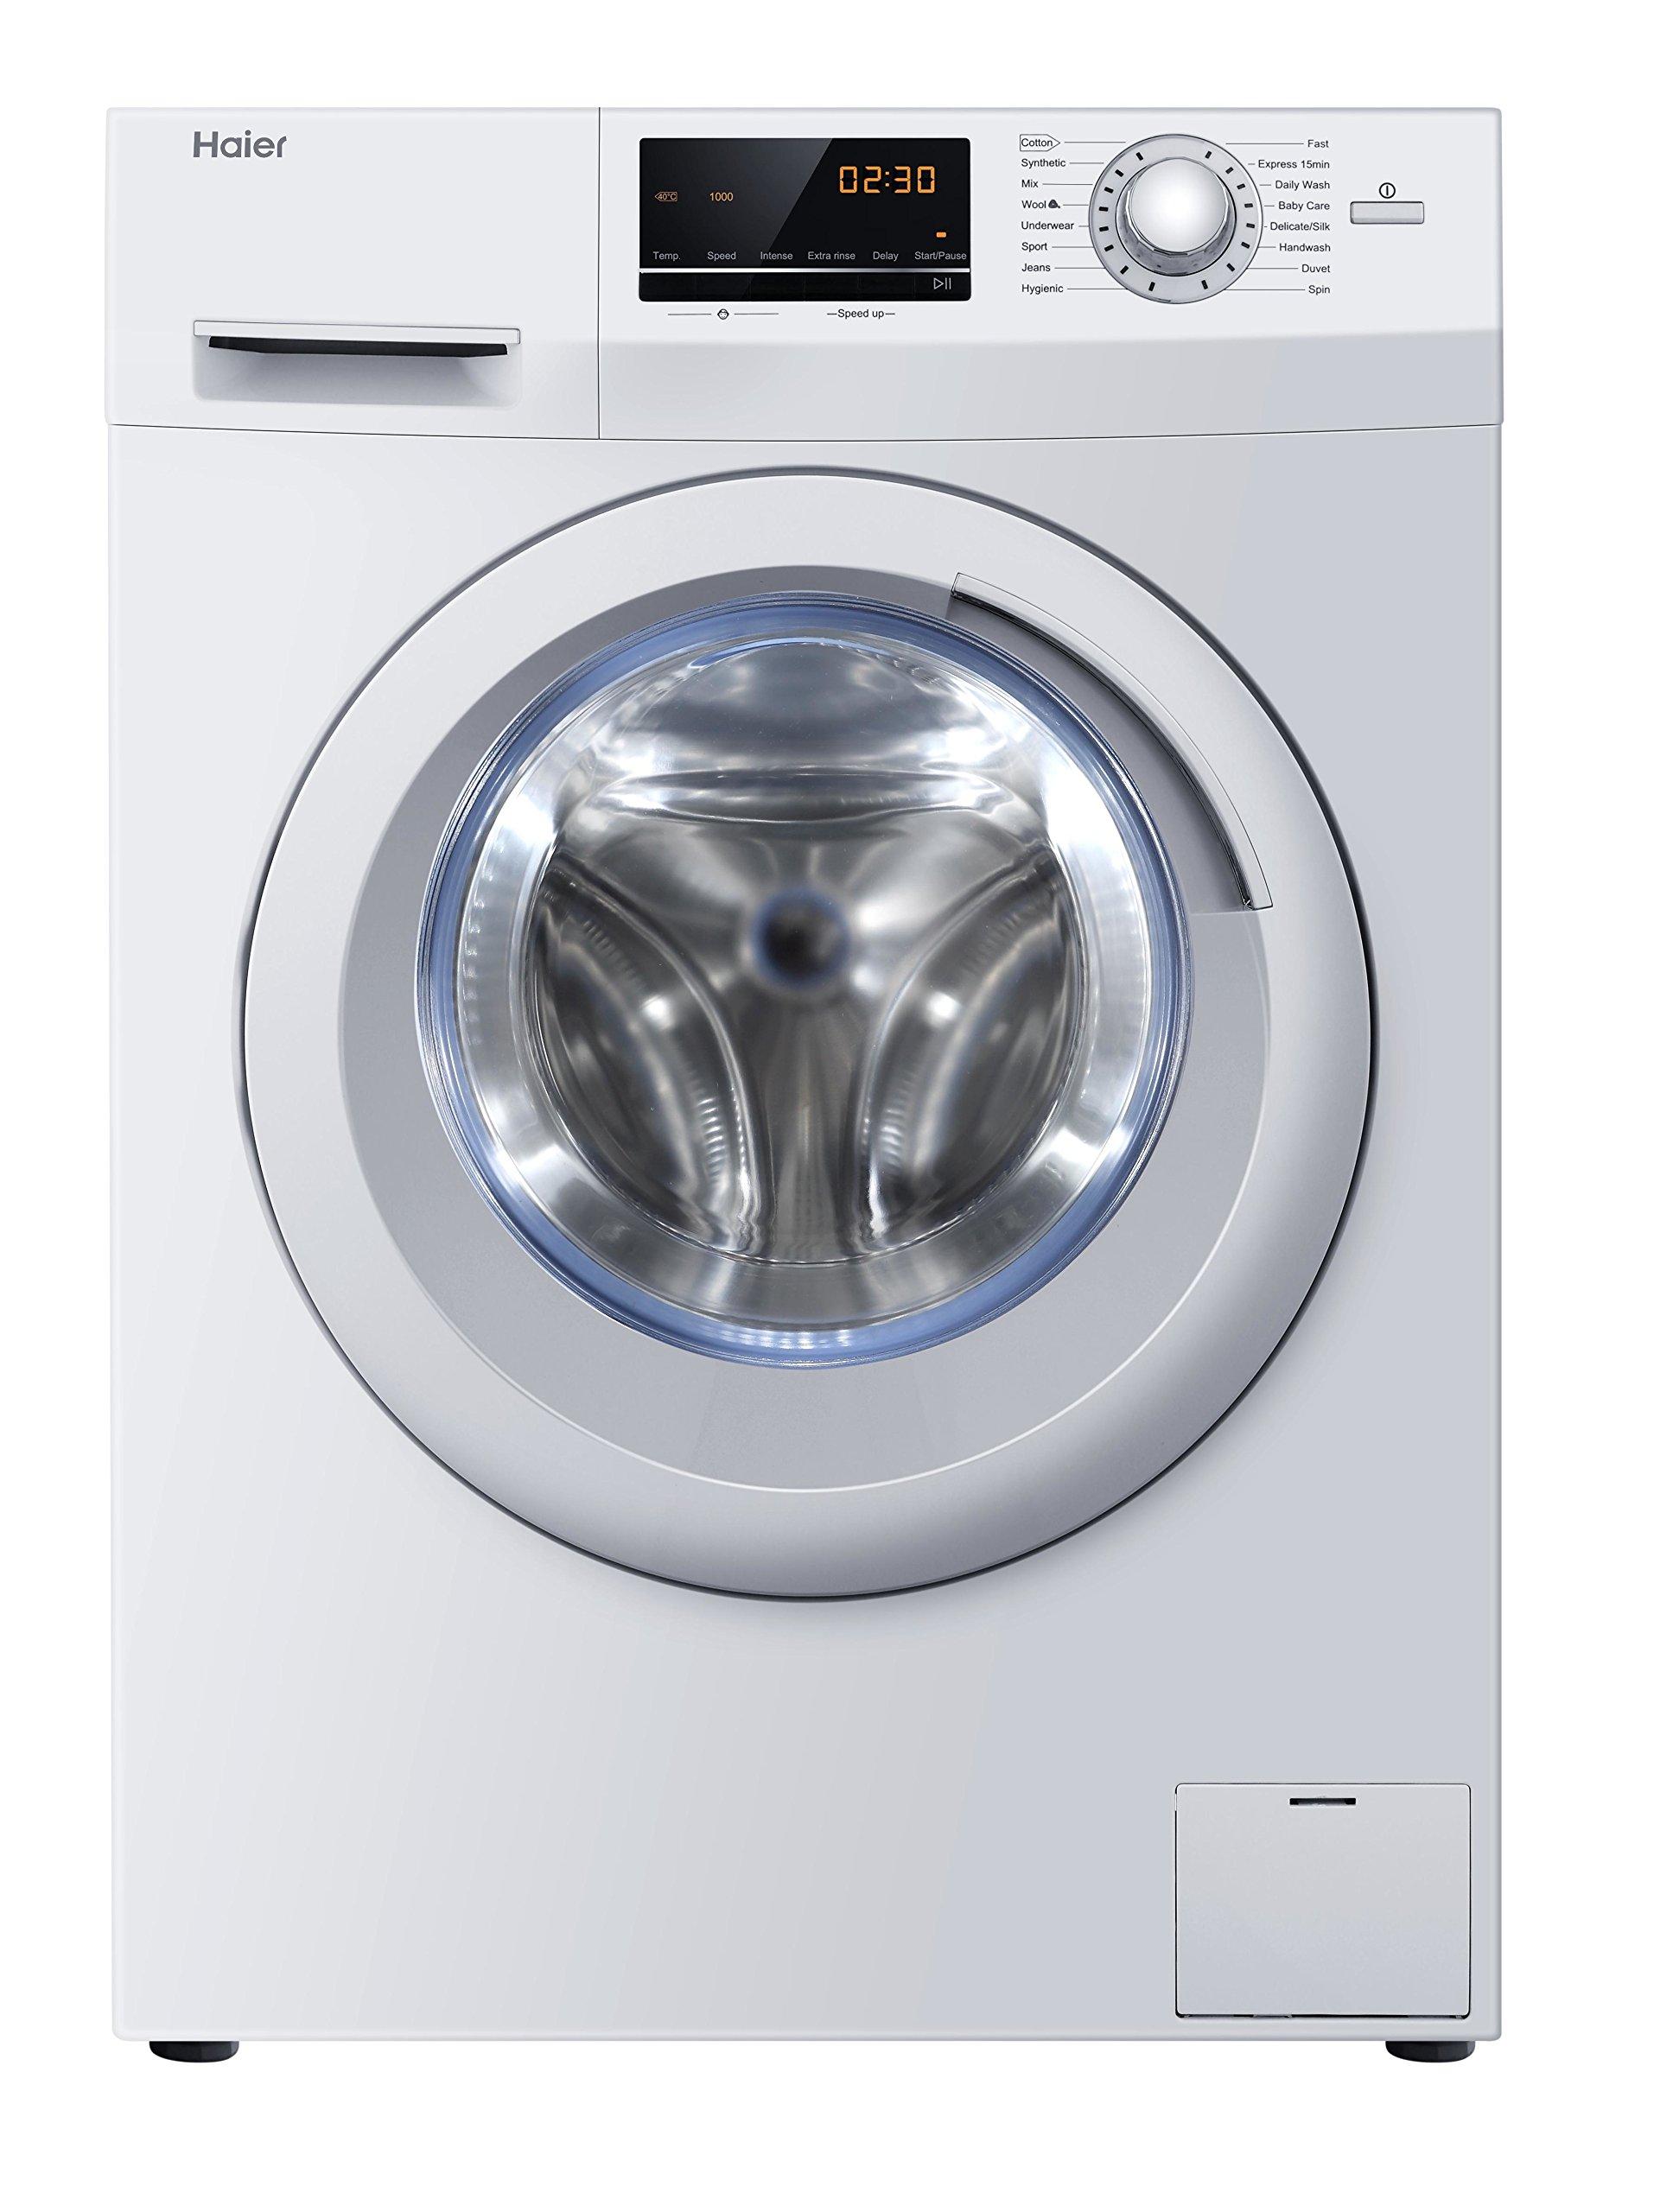 Haier-HW100-14636-df-autonome-Belastung-vor-10-kg-1400trmin-A-Wei-Waschmaschine-Waschmaschinen-autonome-bevor-Belastung-wei-links-LED-Edelstahl